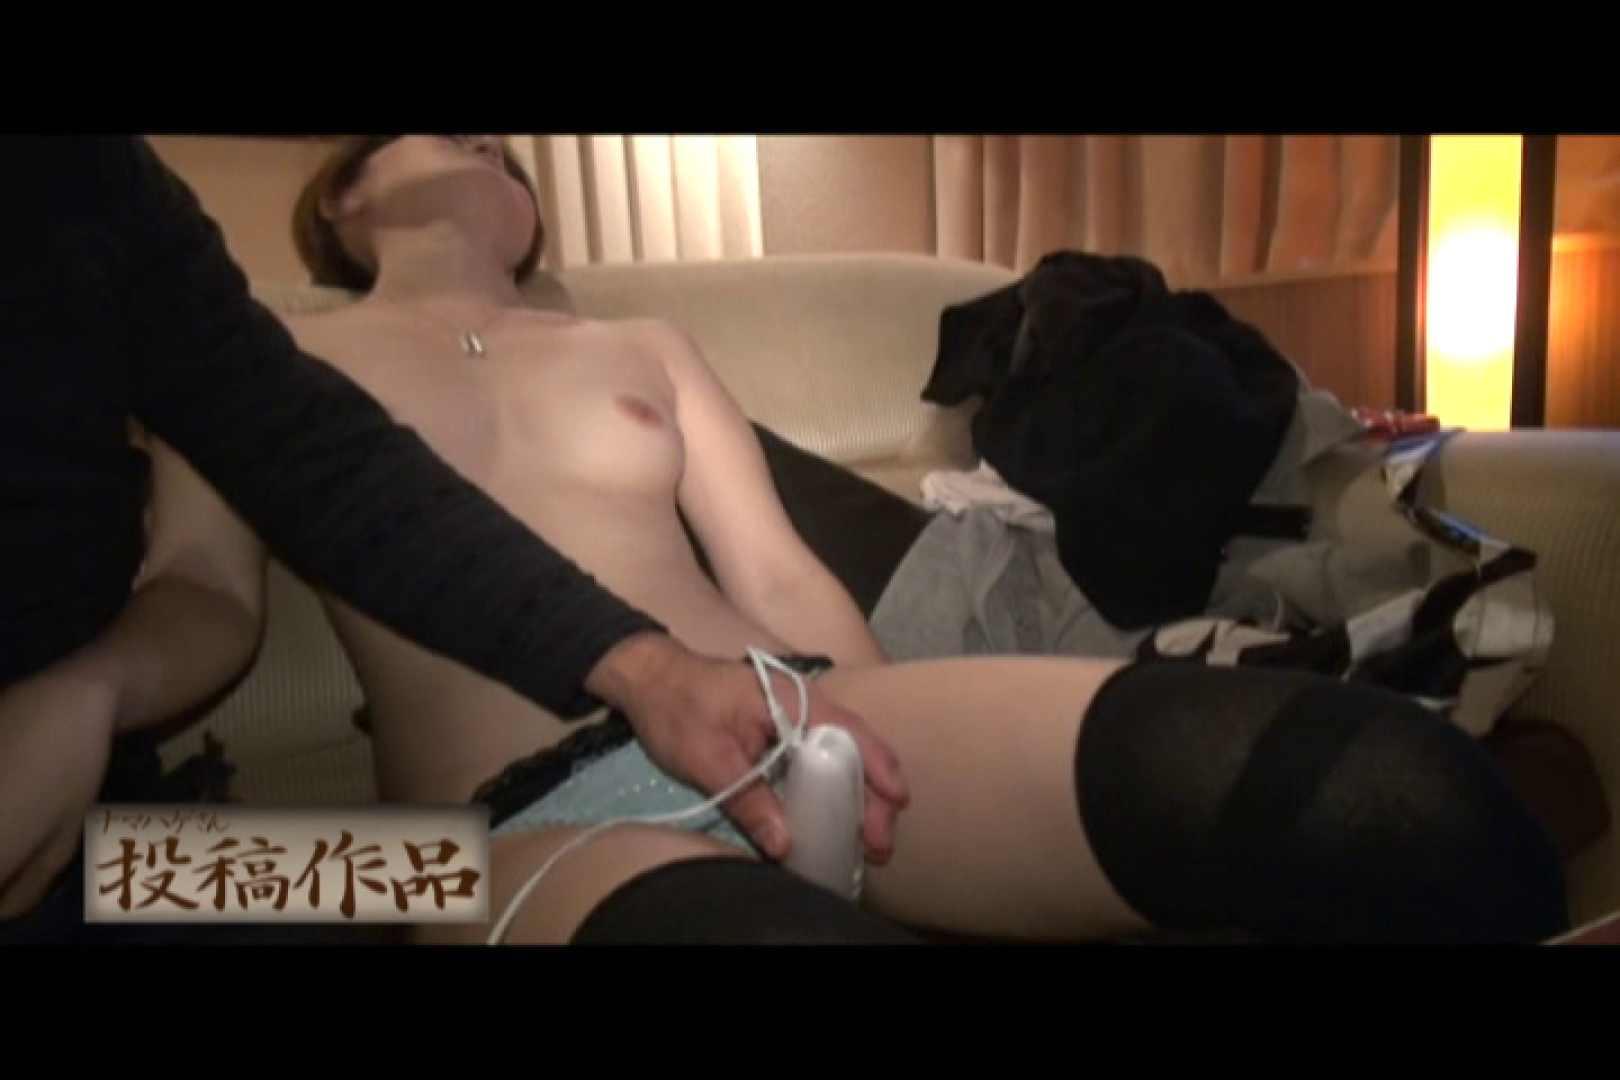 ナマハゲさんのまんこコレクション sakura 盗撮  82pic 38